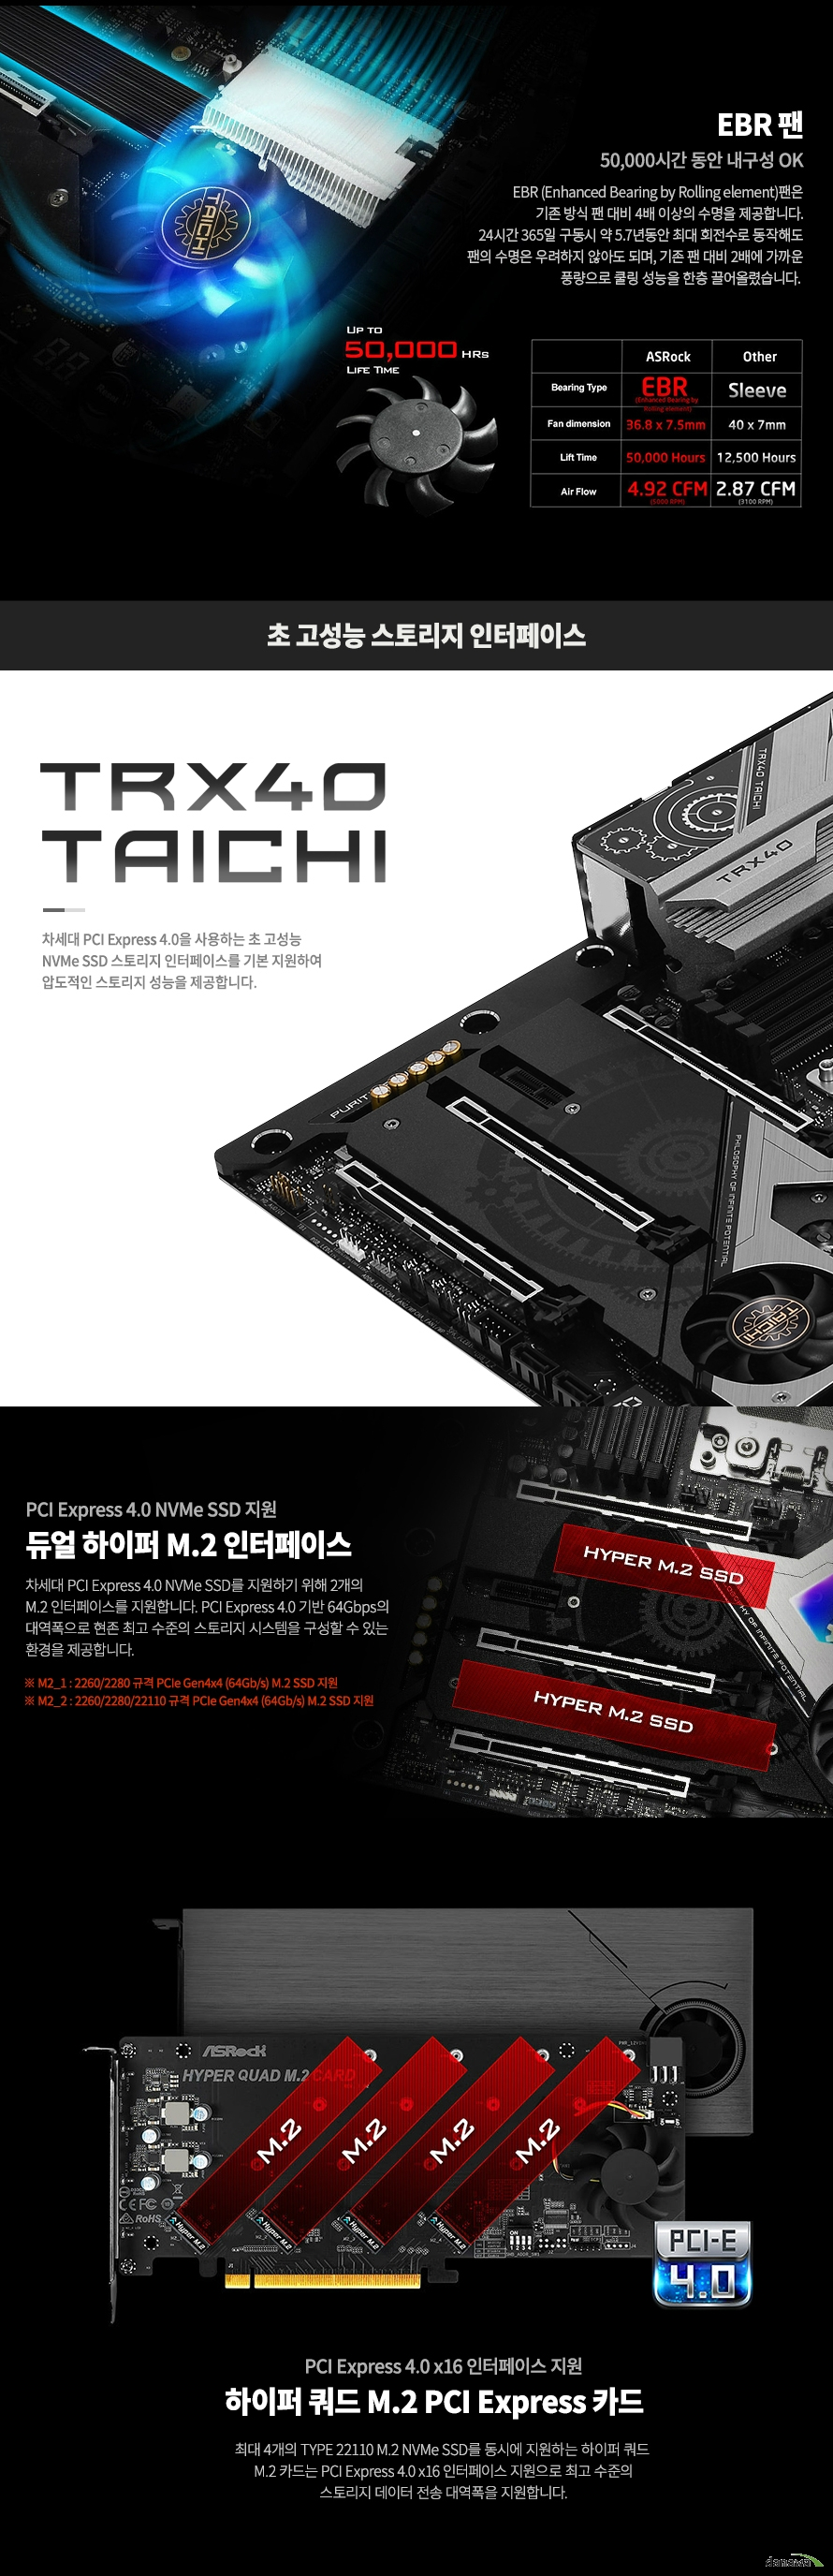 ASRock TRX40 Taichi 디앤디컴